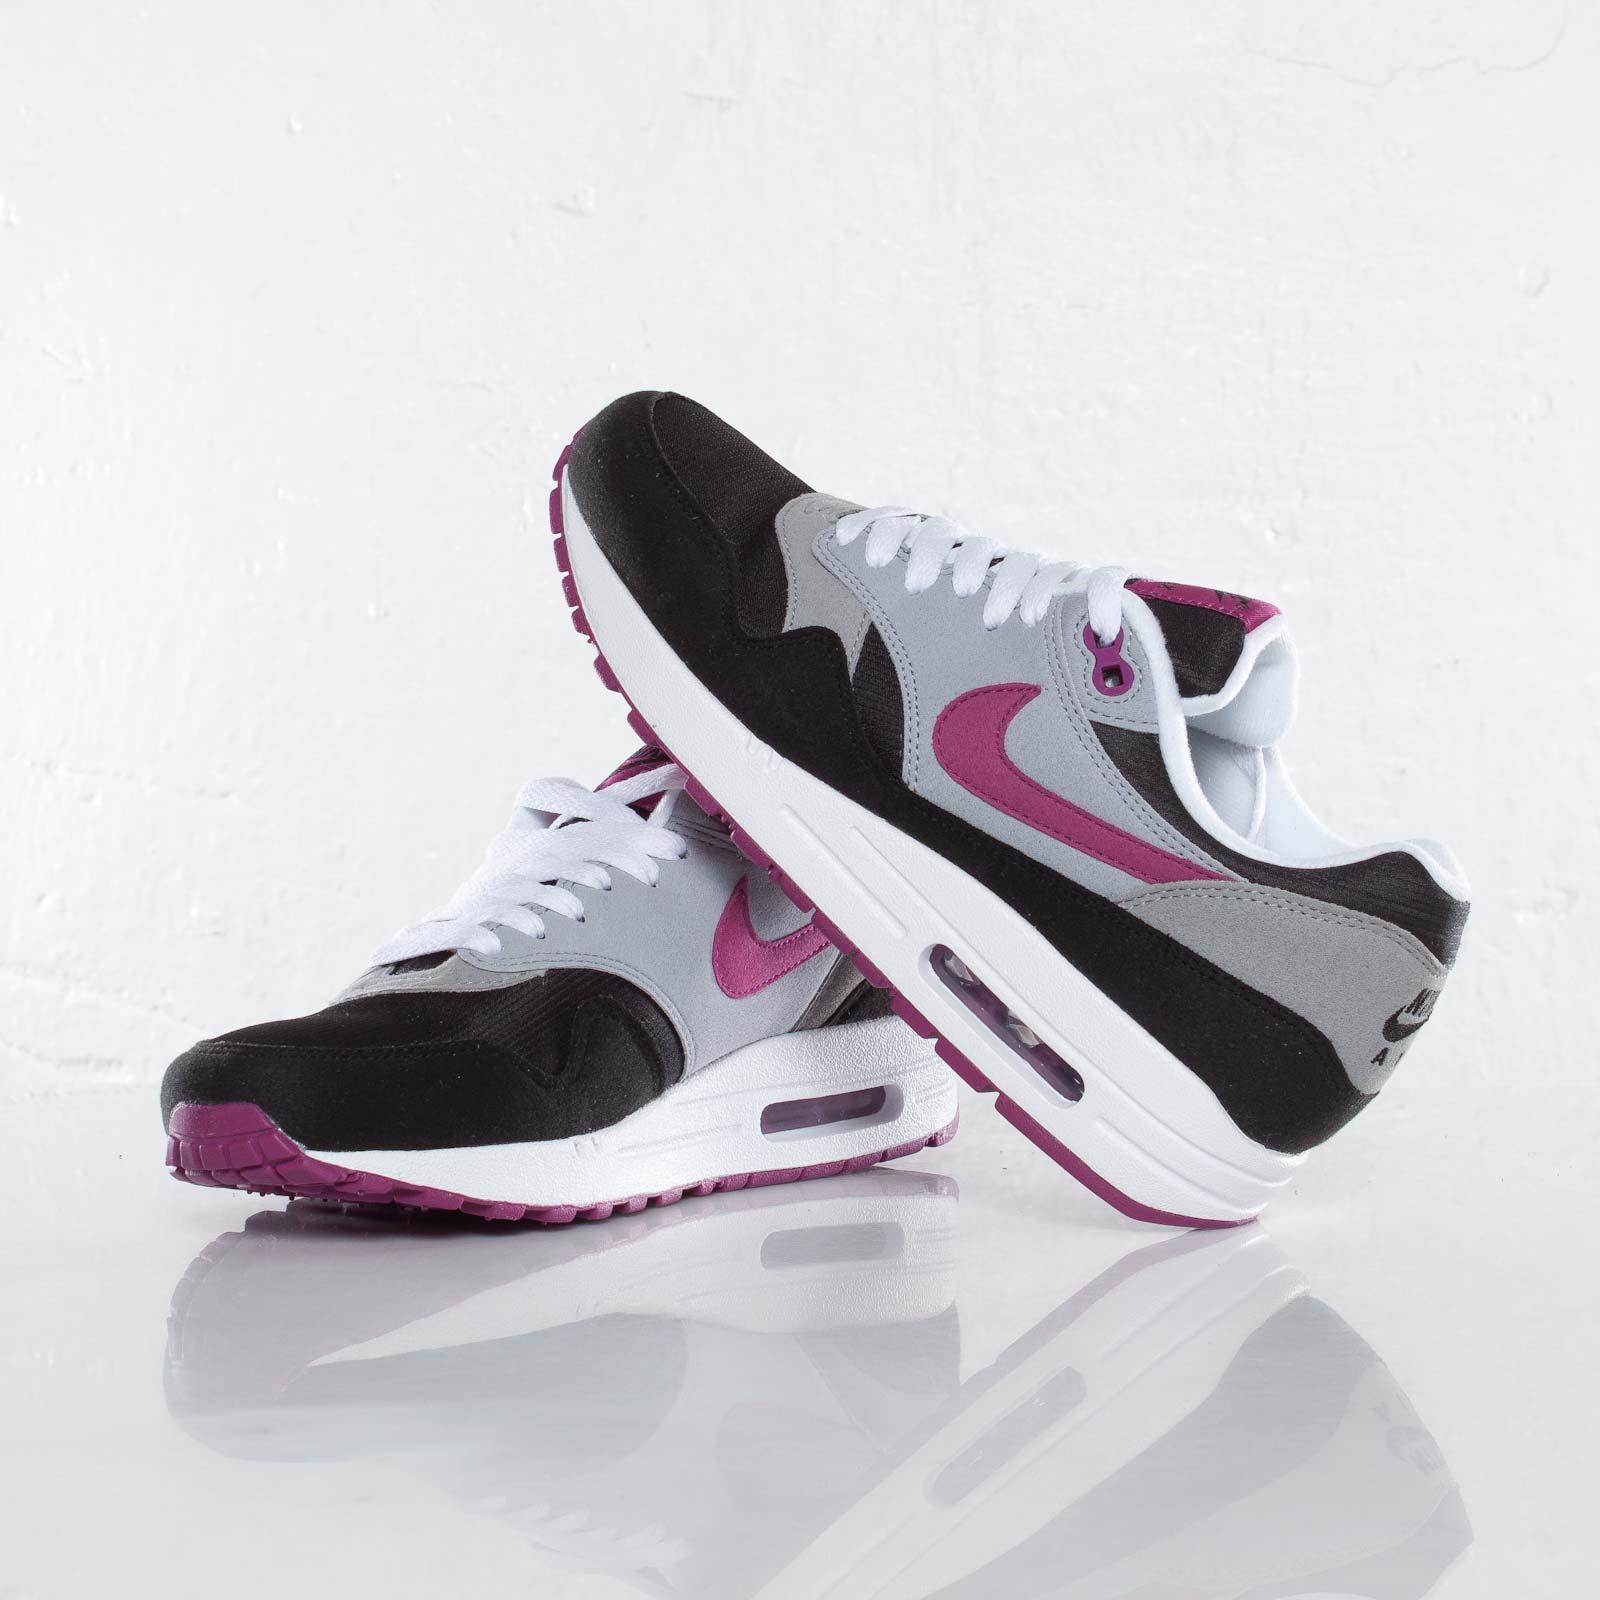 Nike Wmns Air Max 1 319986 060 Sneakersnstuff sneakers  sneakers